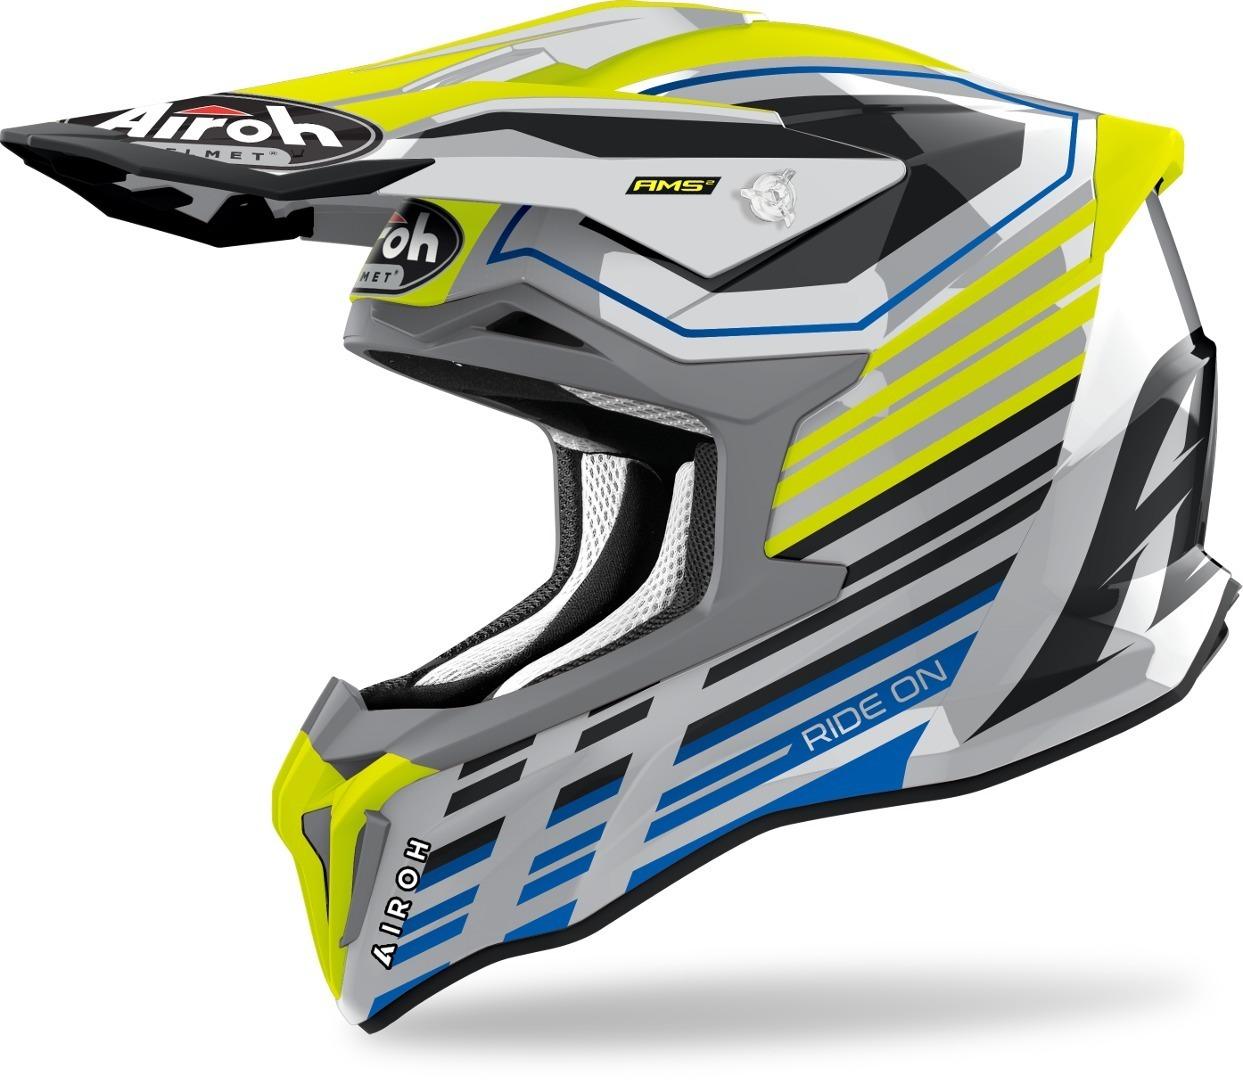 Airoh Strycker Shaded Carbon Motocross Helm, gelb, Größe 2XL, gelb, Größe 2XL